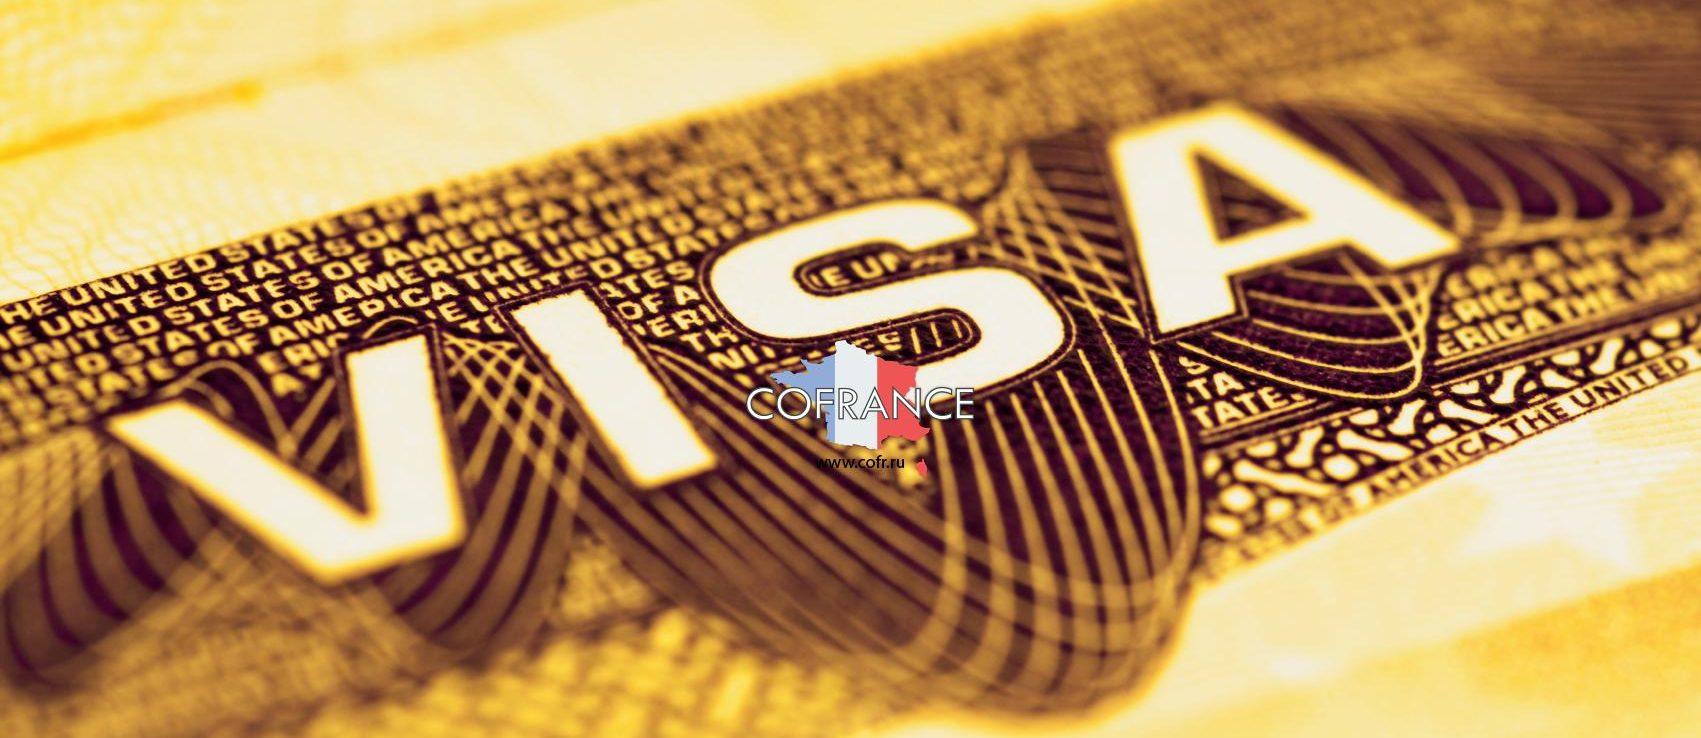 Шенгенская виза: получение визы, виза в Испанию, виза в Германию, виза во Францию